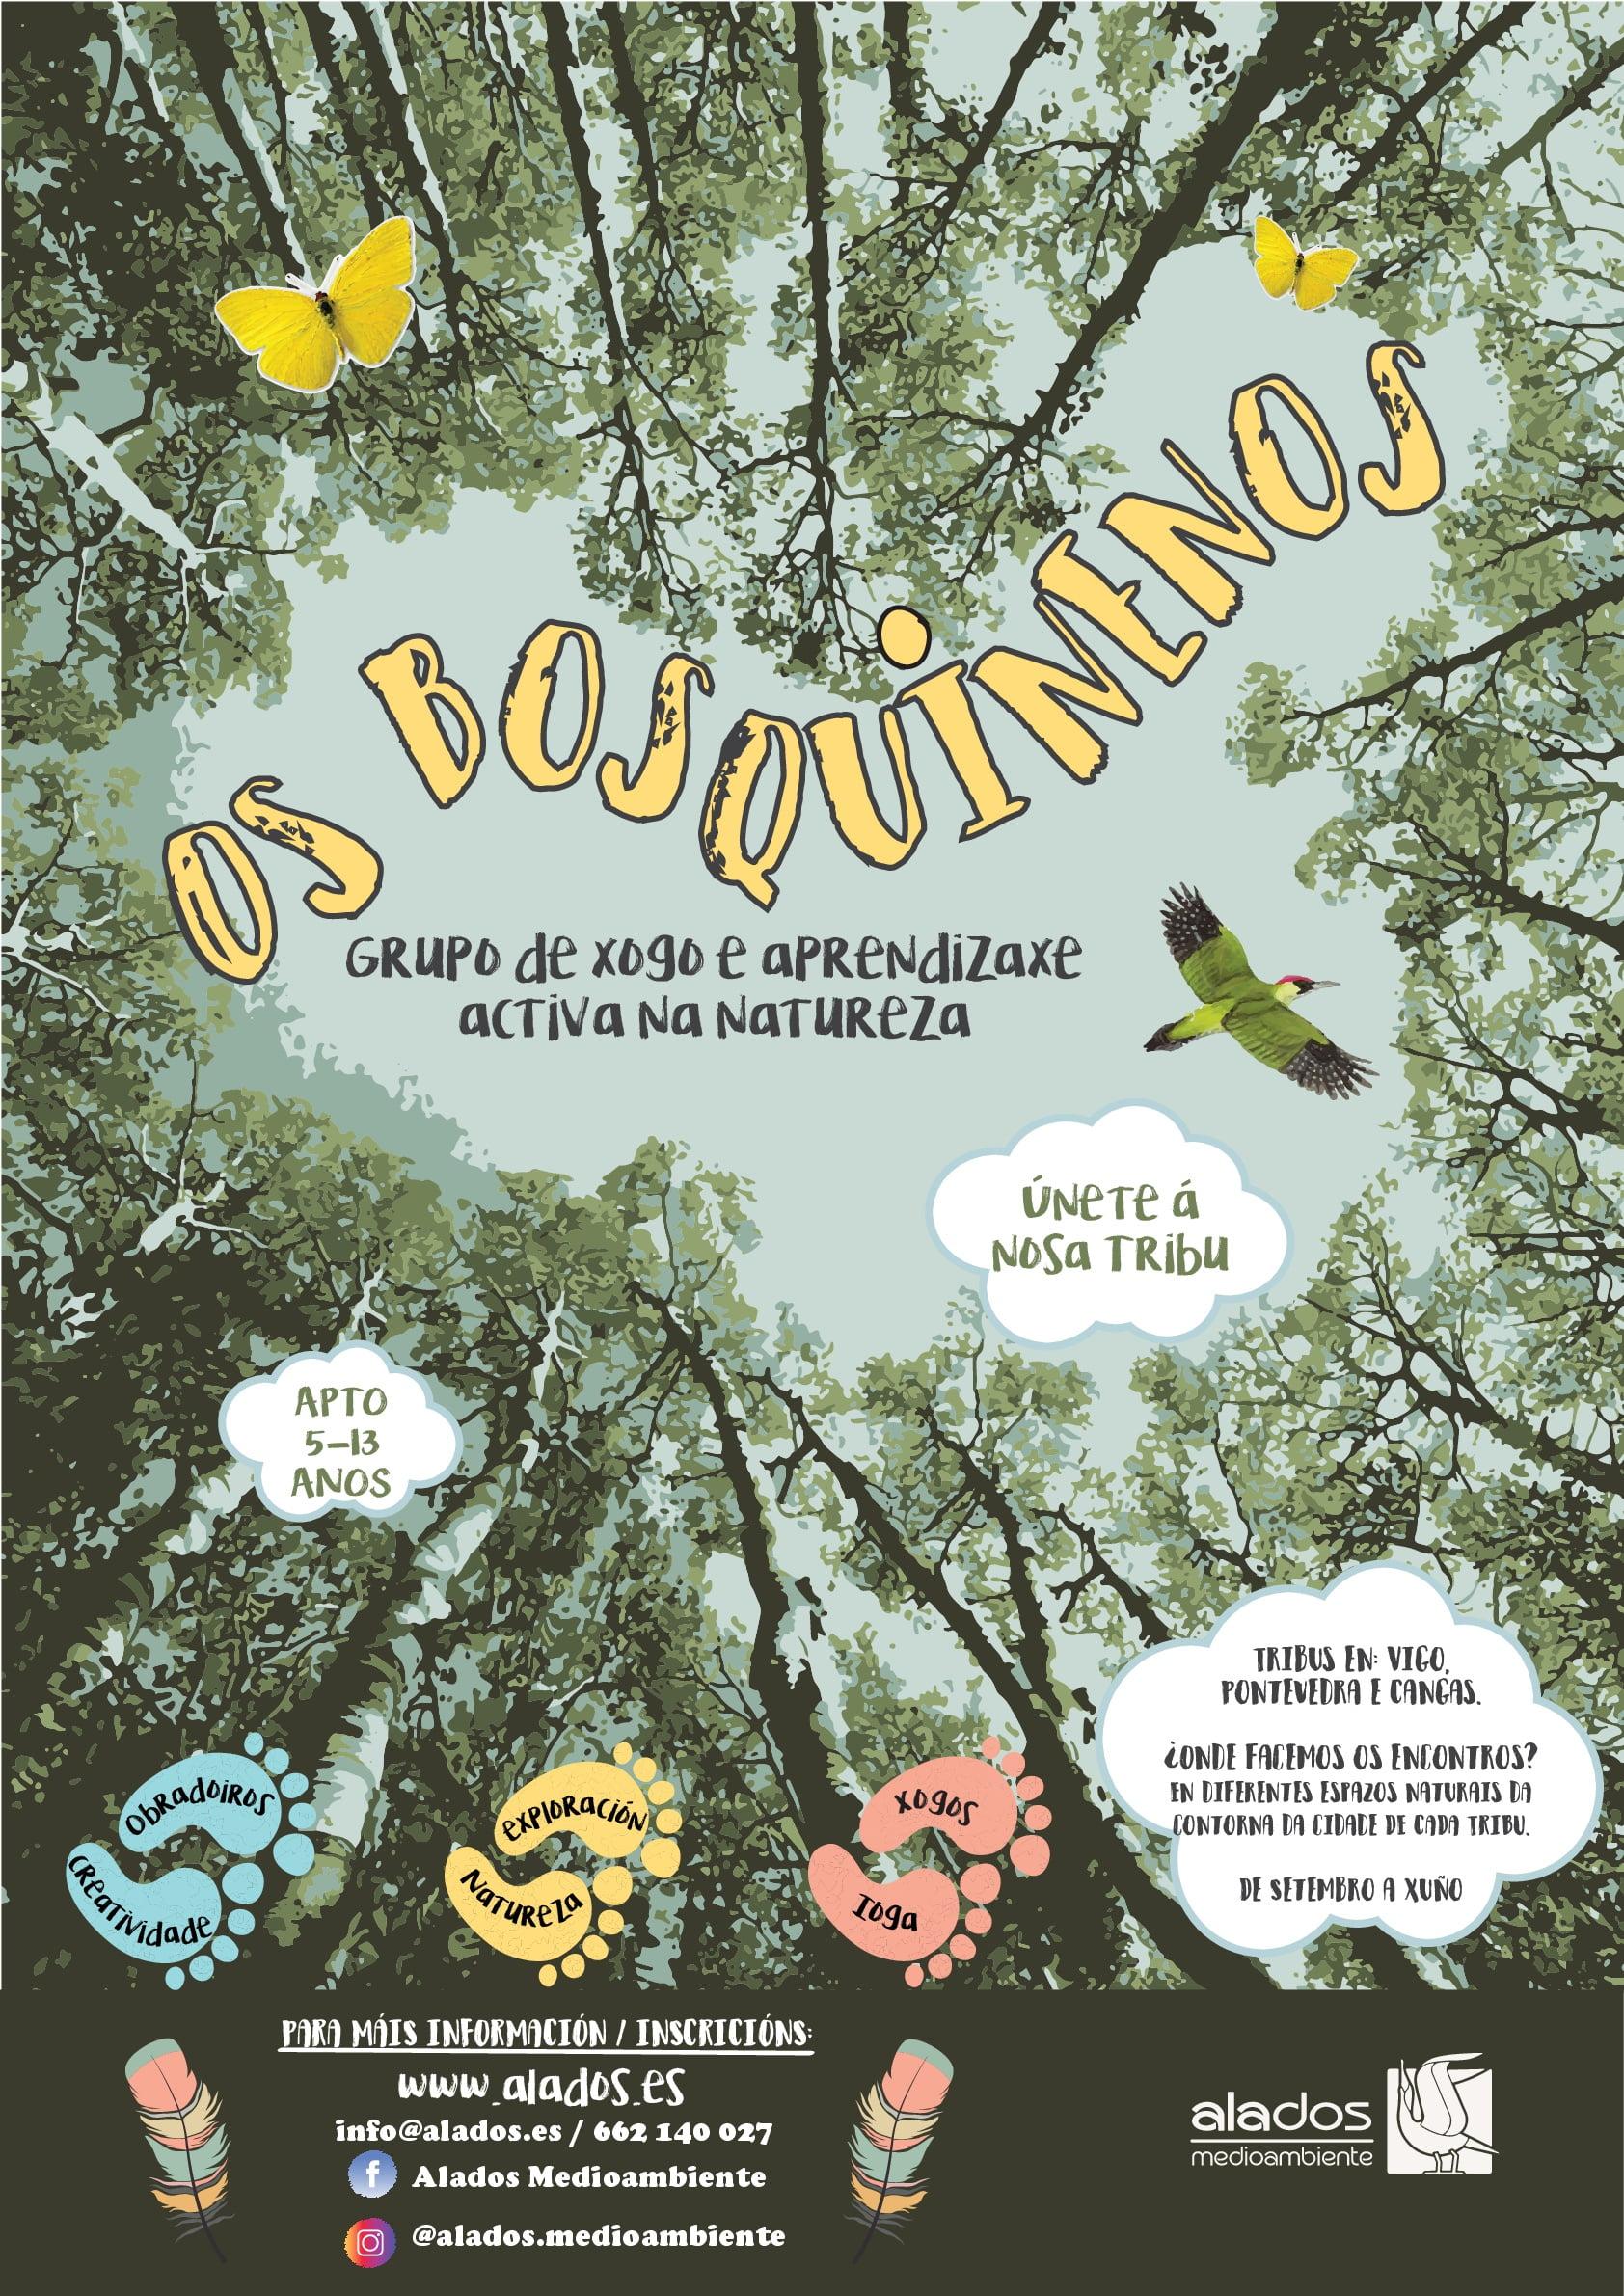 OS BOSQUINENOS – Grupo de xogo e aprendizaxe activa na Natureza